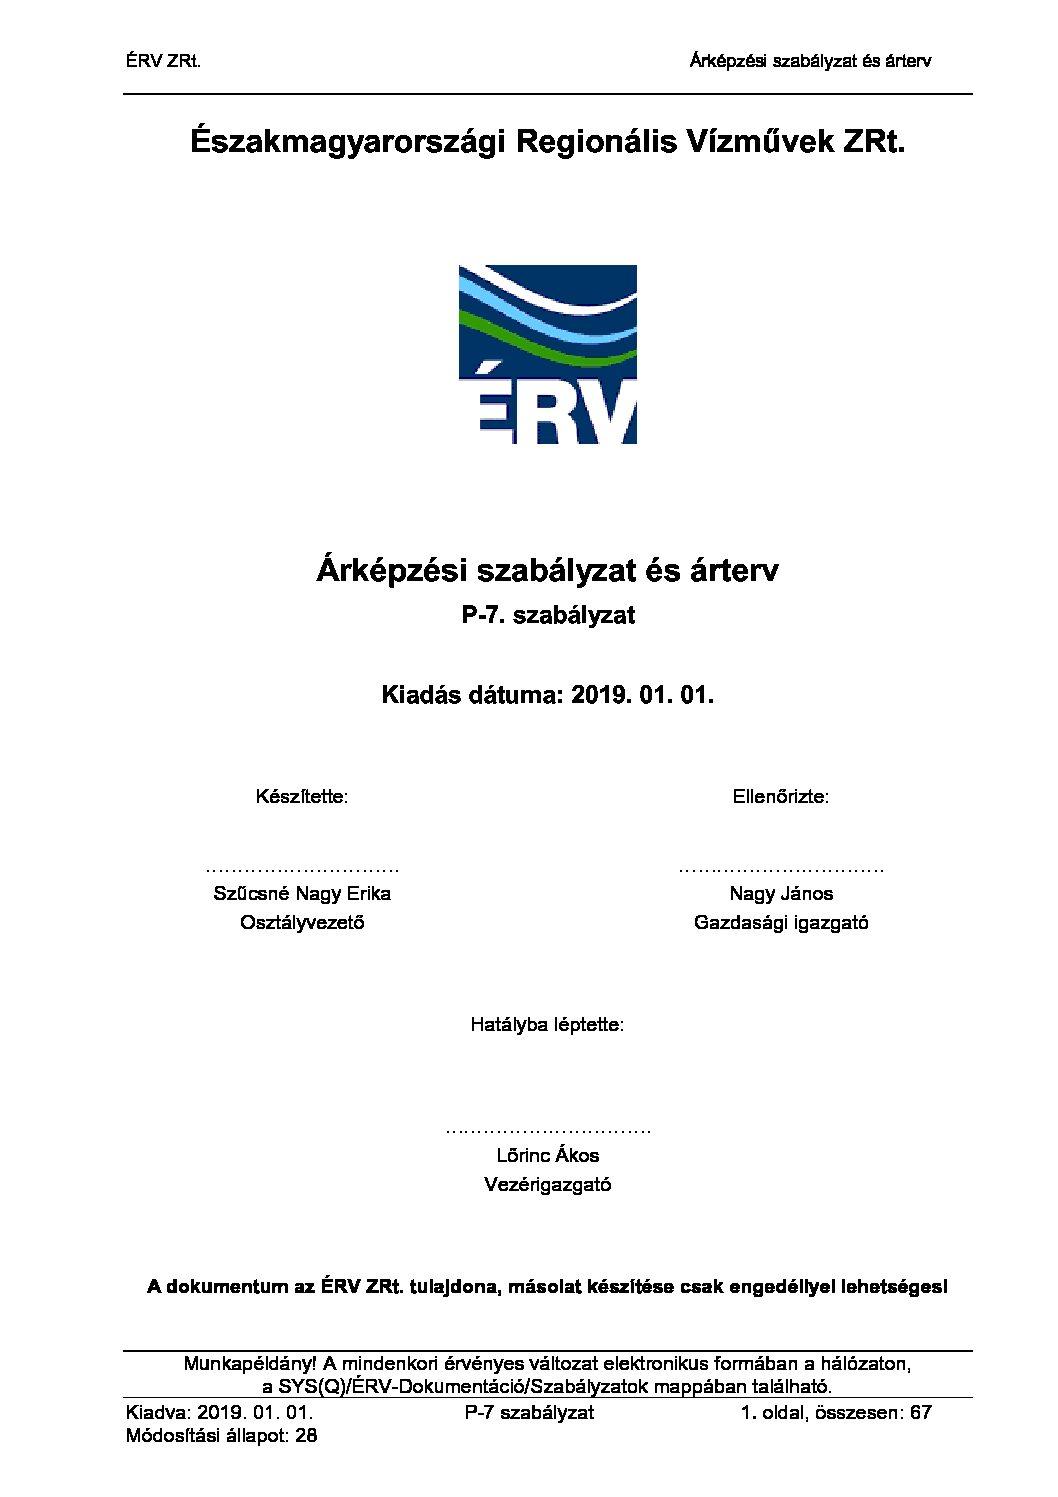 P-7-28 Árképzési szabályzat és árterv